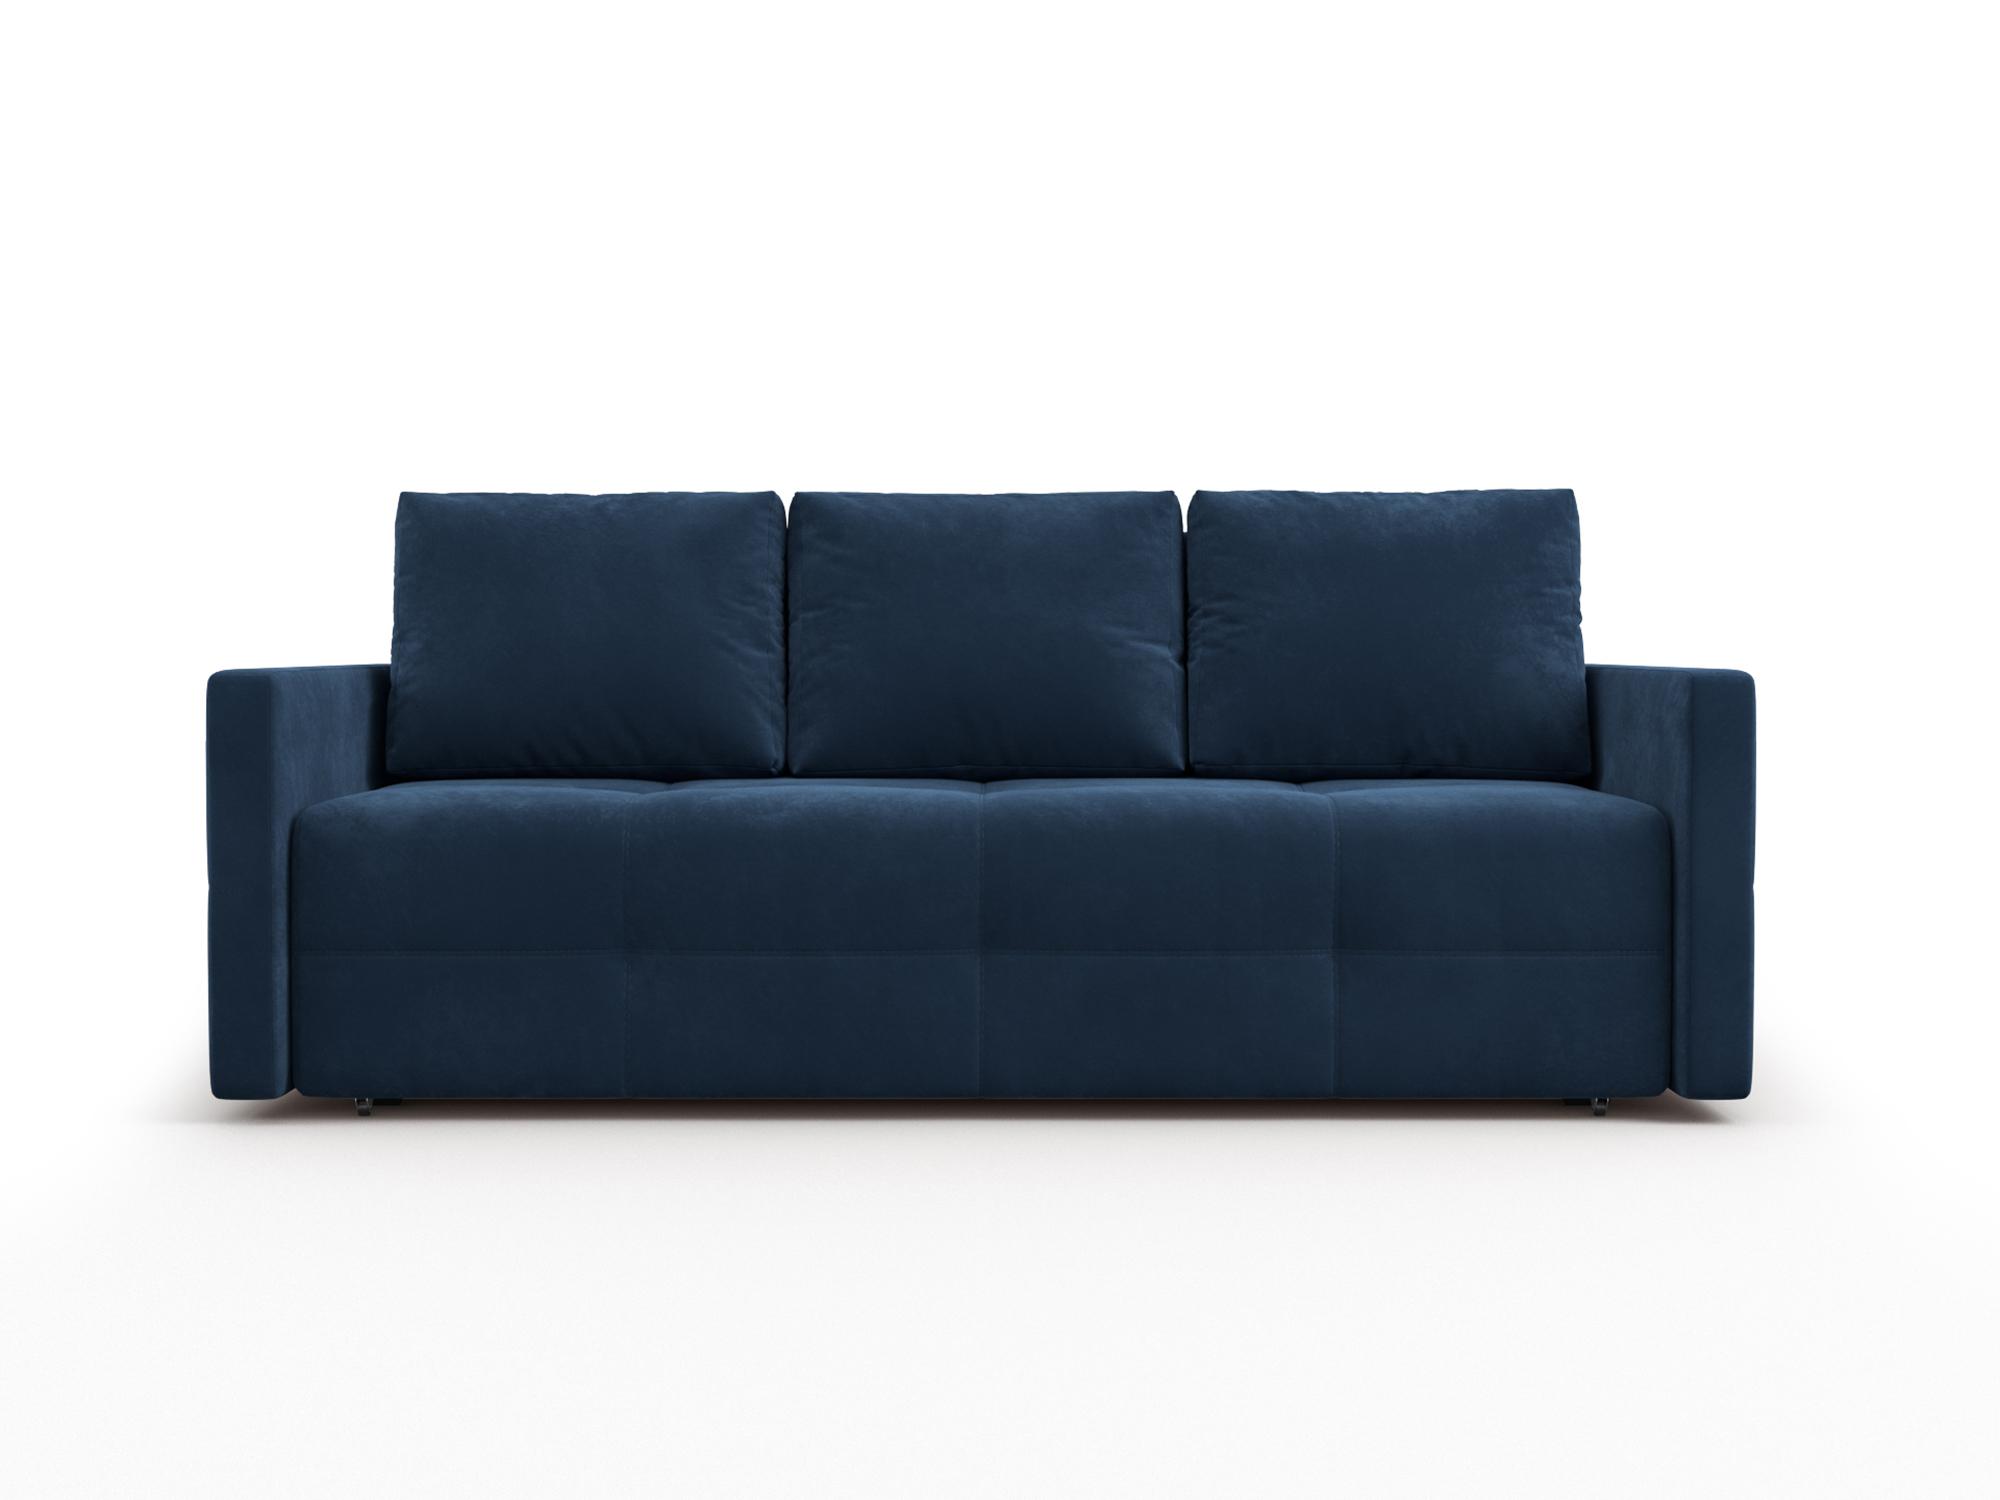 Фото - Диван Марсель 2 MebelVia Синий, Велюр, Брус сосны диван малютка 2 mebelvia синий велюр брус сосны